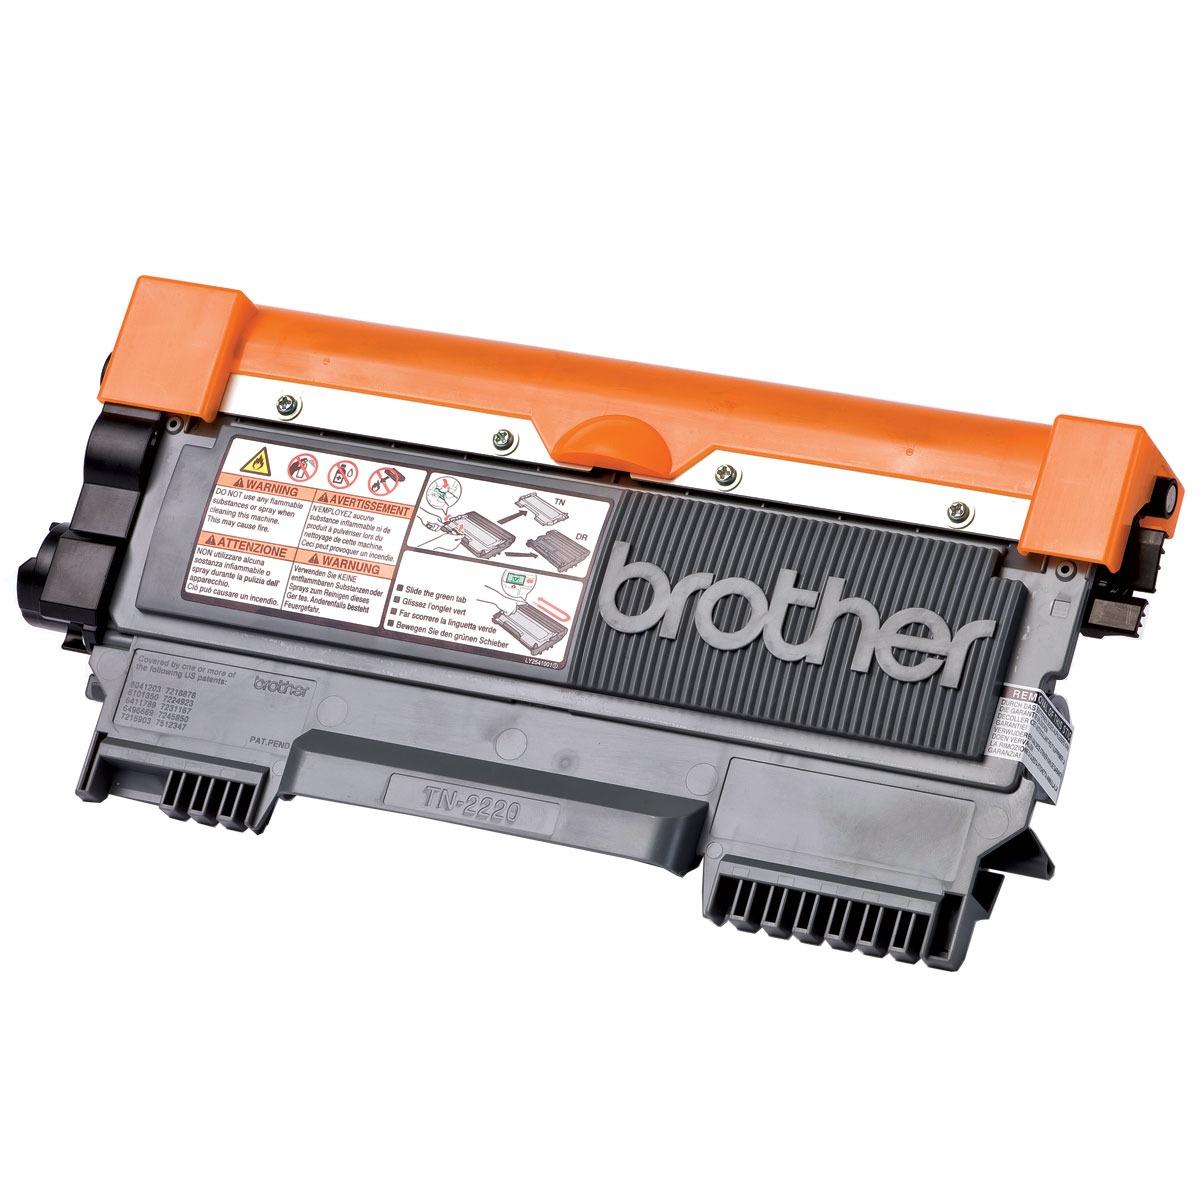 Toner imprimante Brother TN-2220 Toner noir (2 600 pages à 5%)